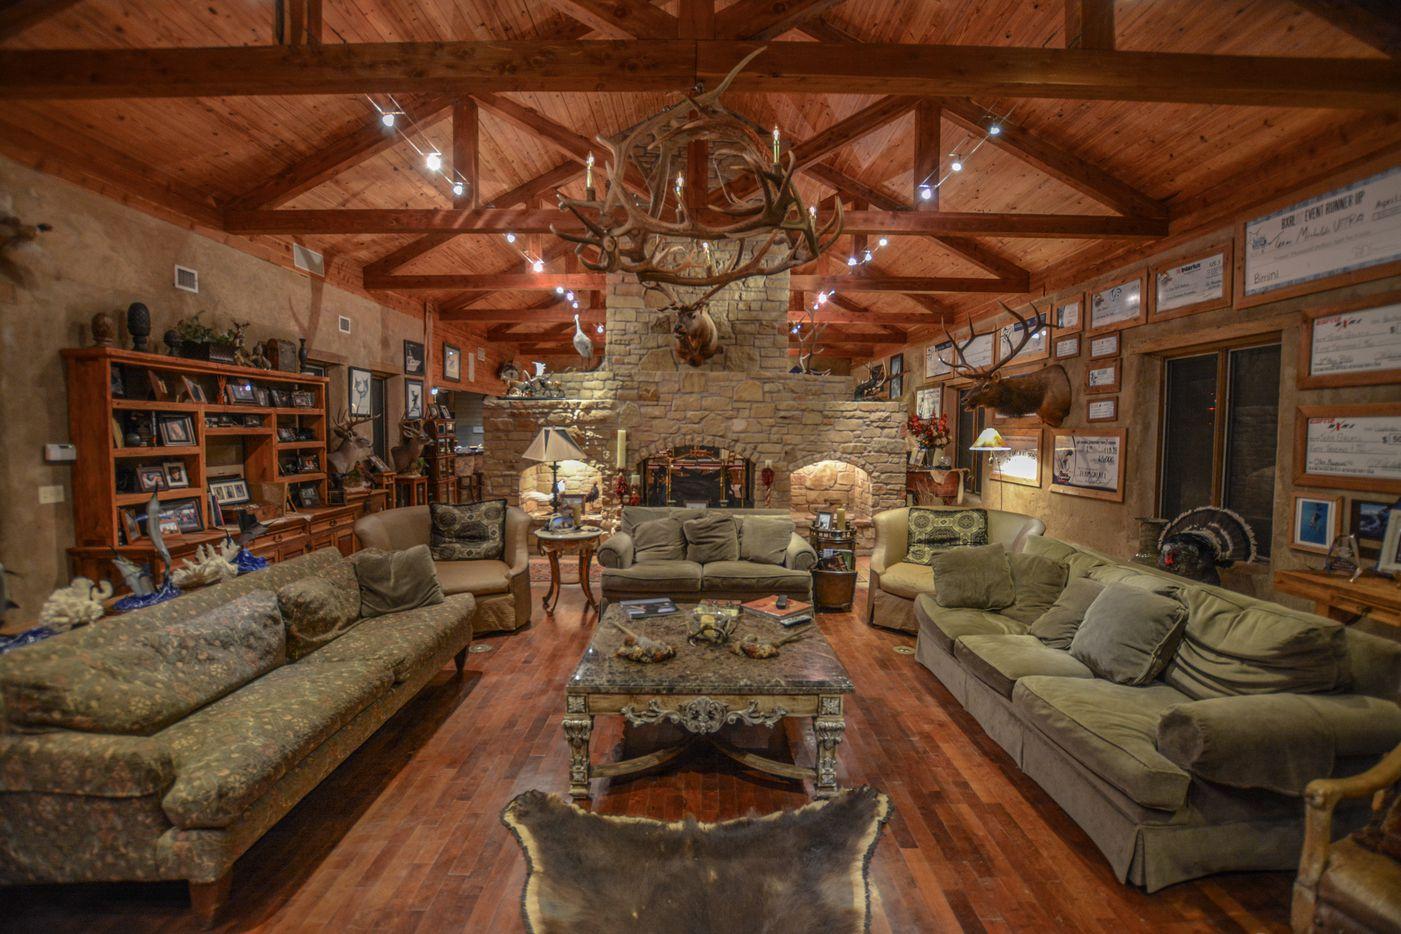 La Bandera Ranch has three separate hunting lodges.